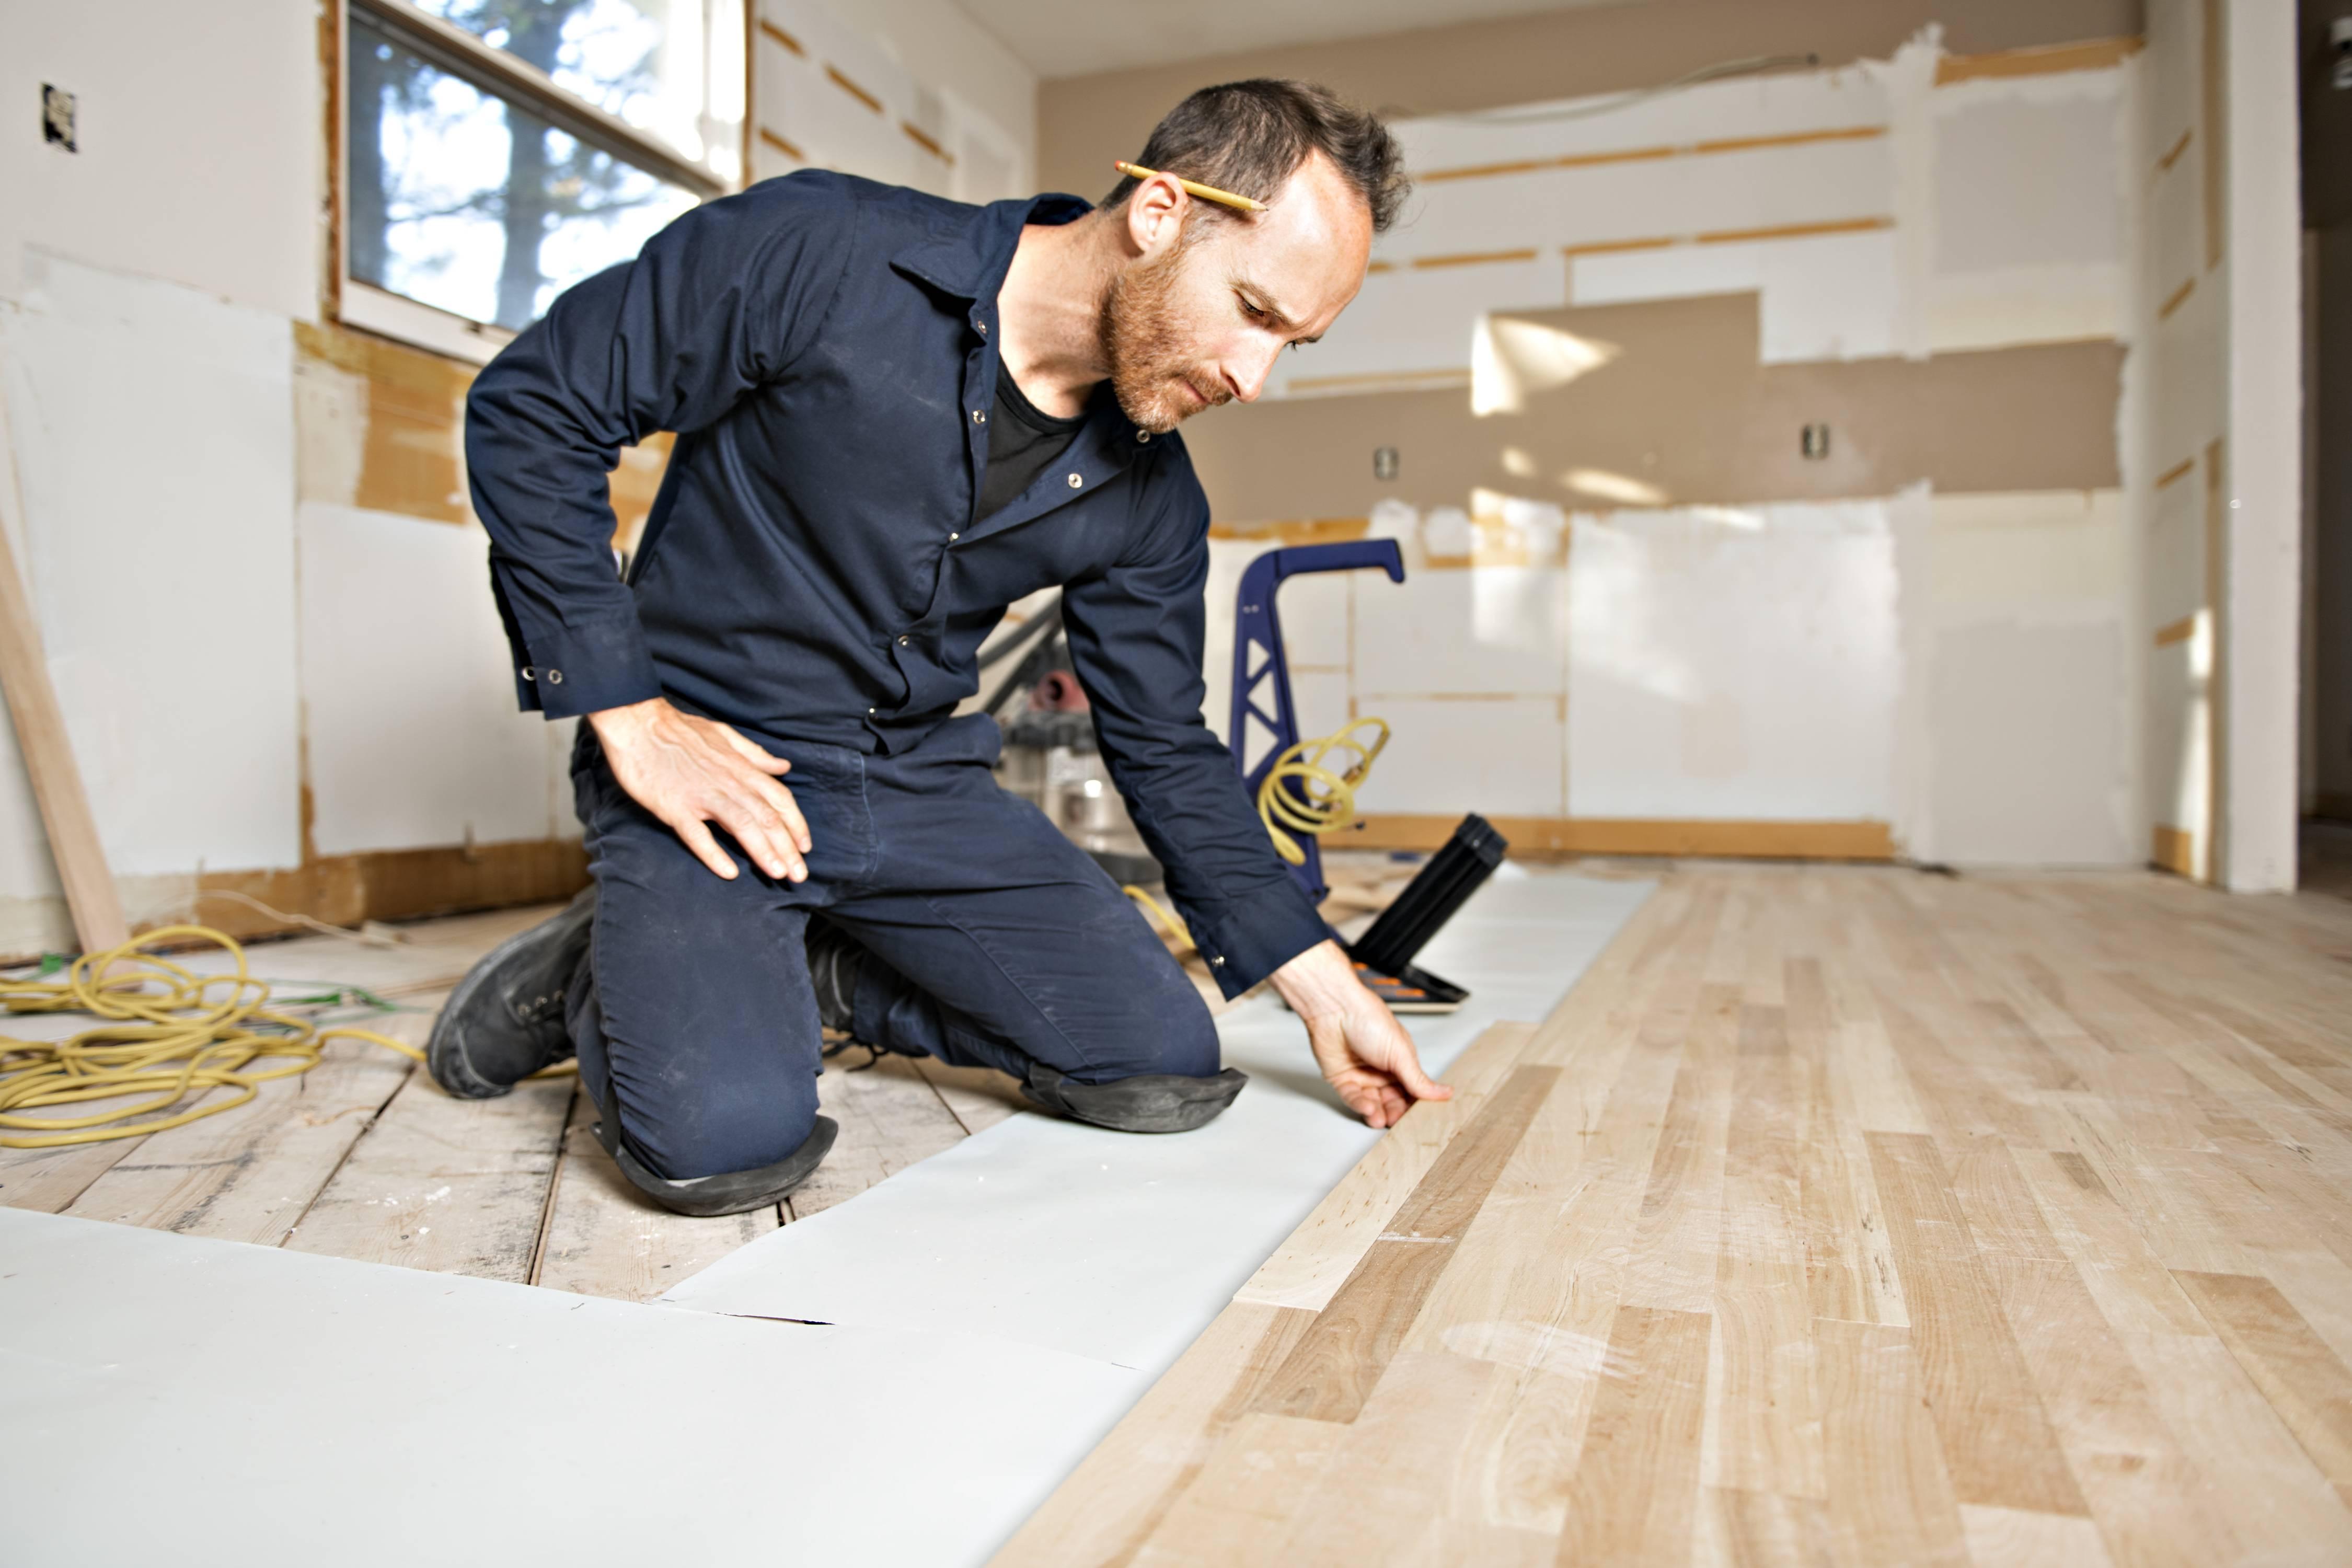 Erfahrener Heimwerker beim Bodenverlegen